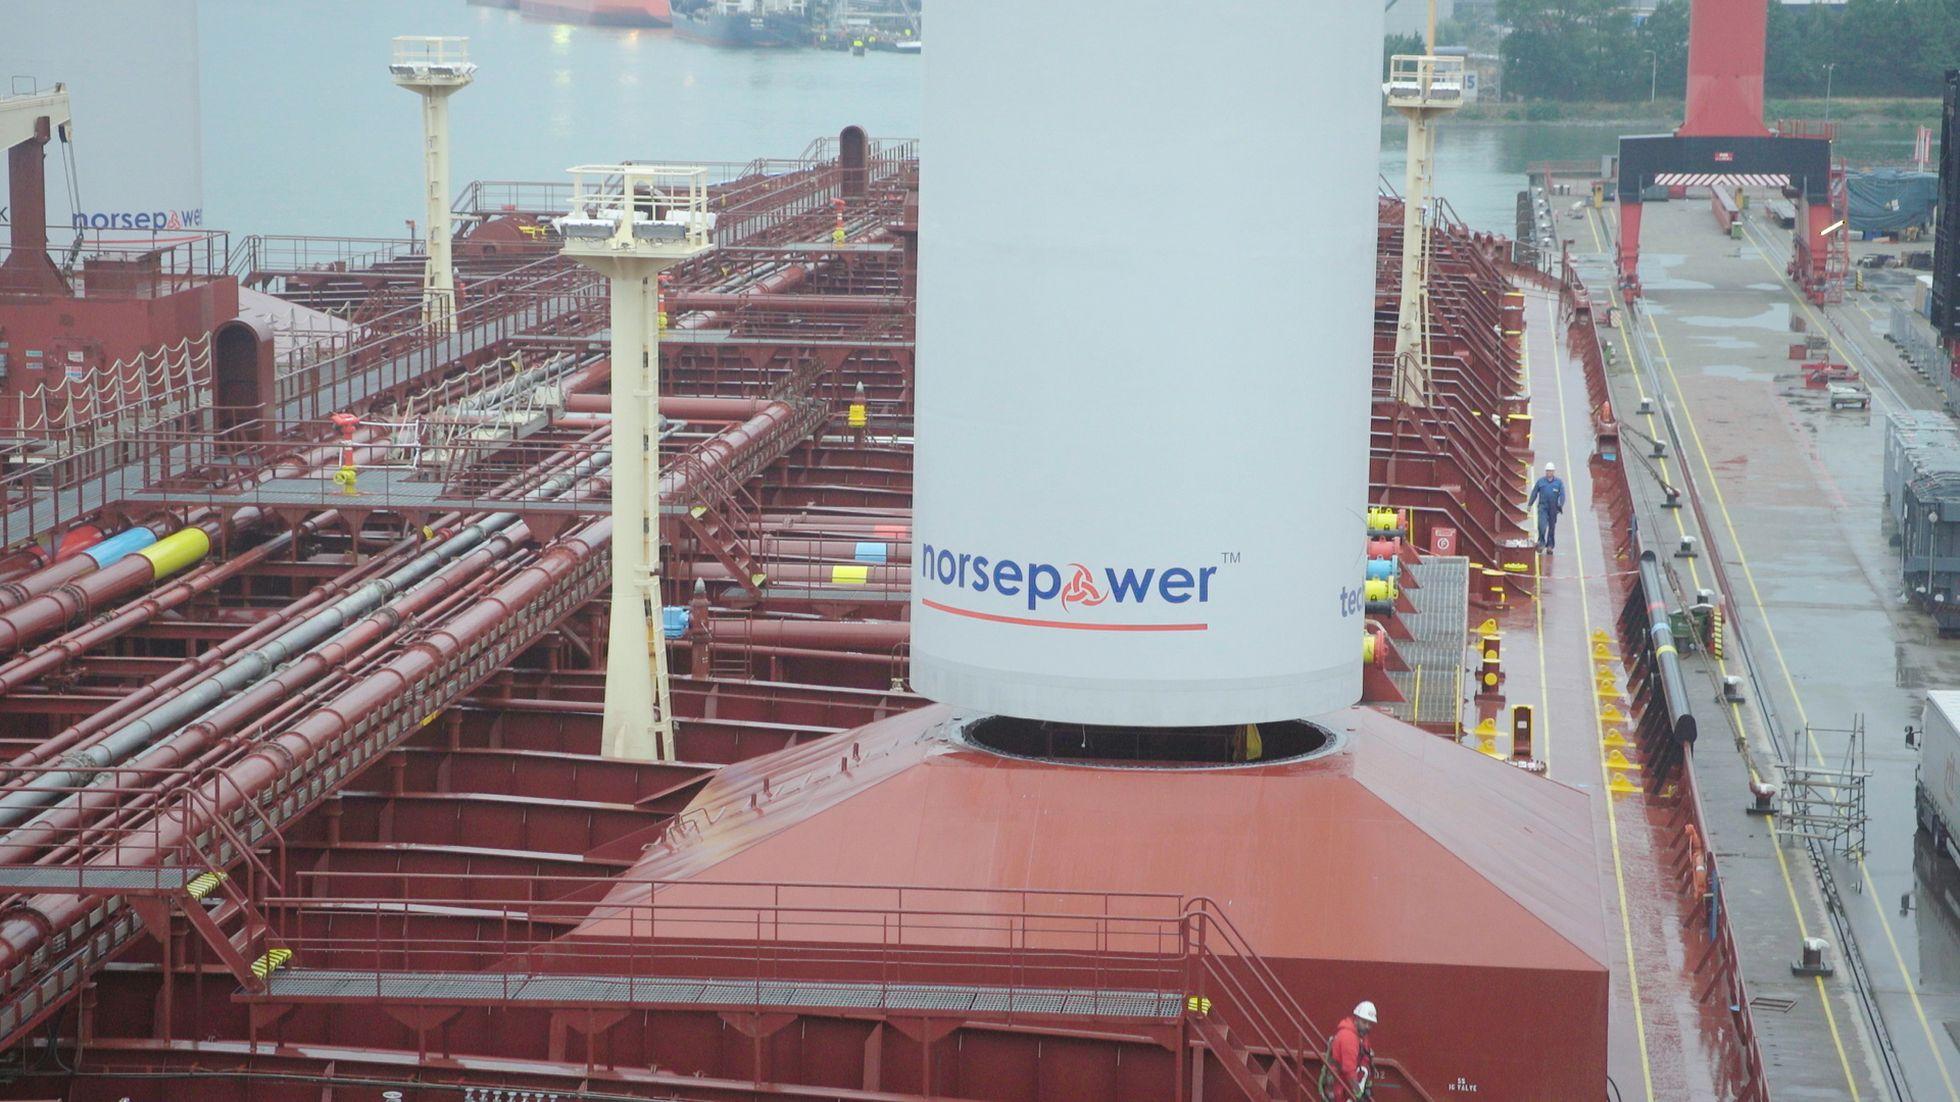 Norsepower: Stahlsegel helfen der Umwelt und sparen Treibstoff -